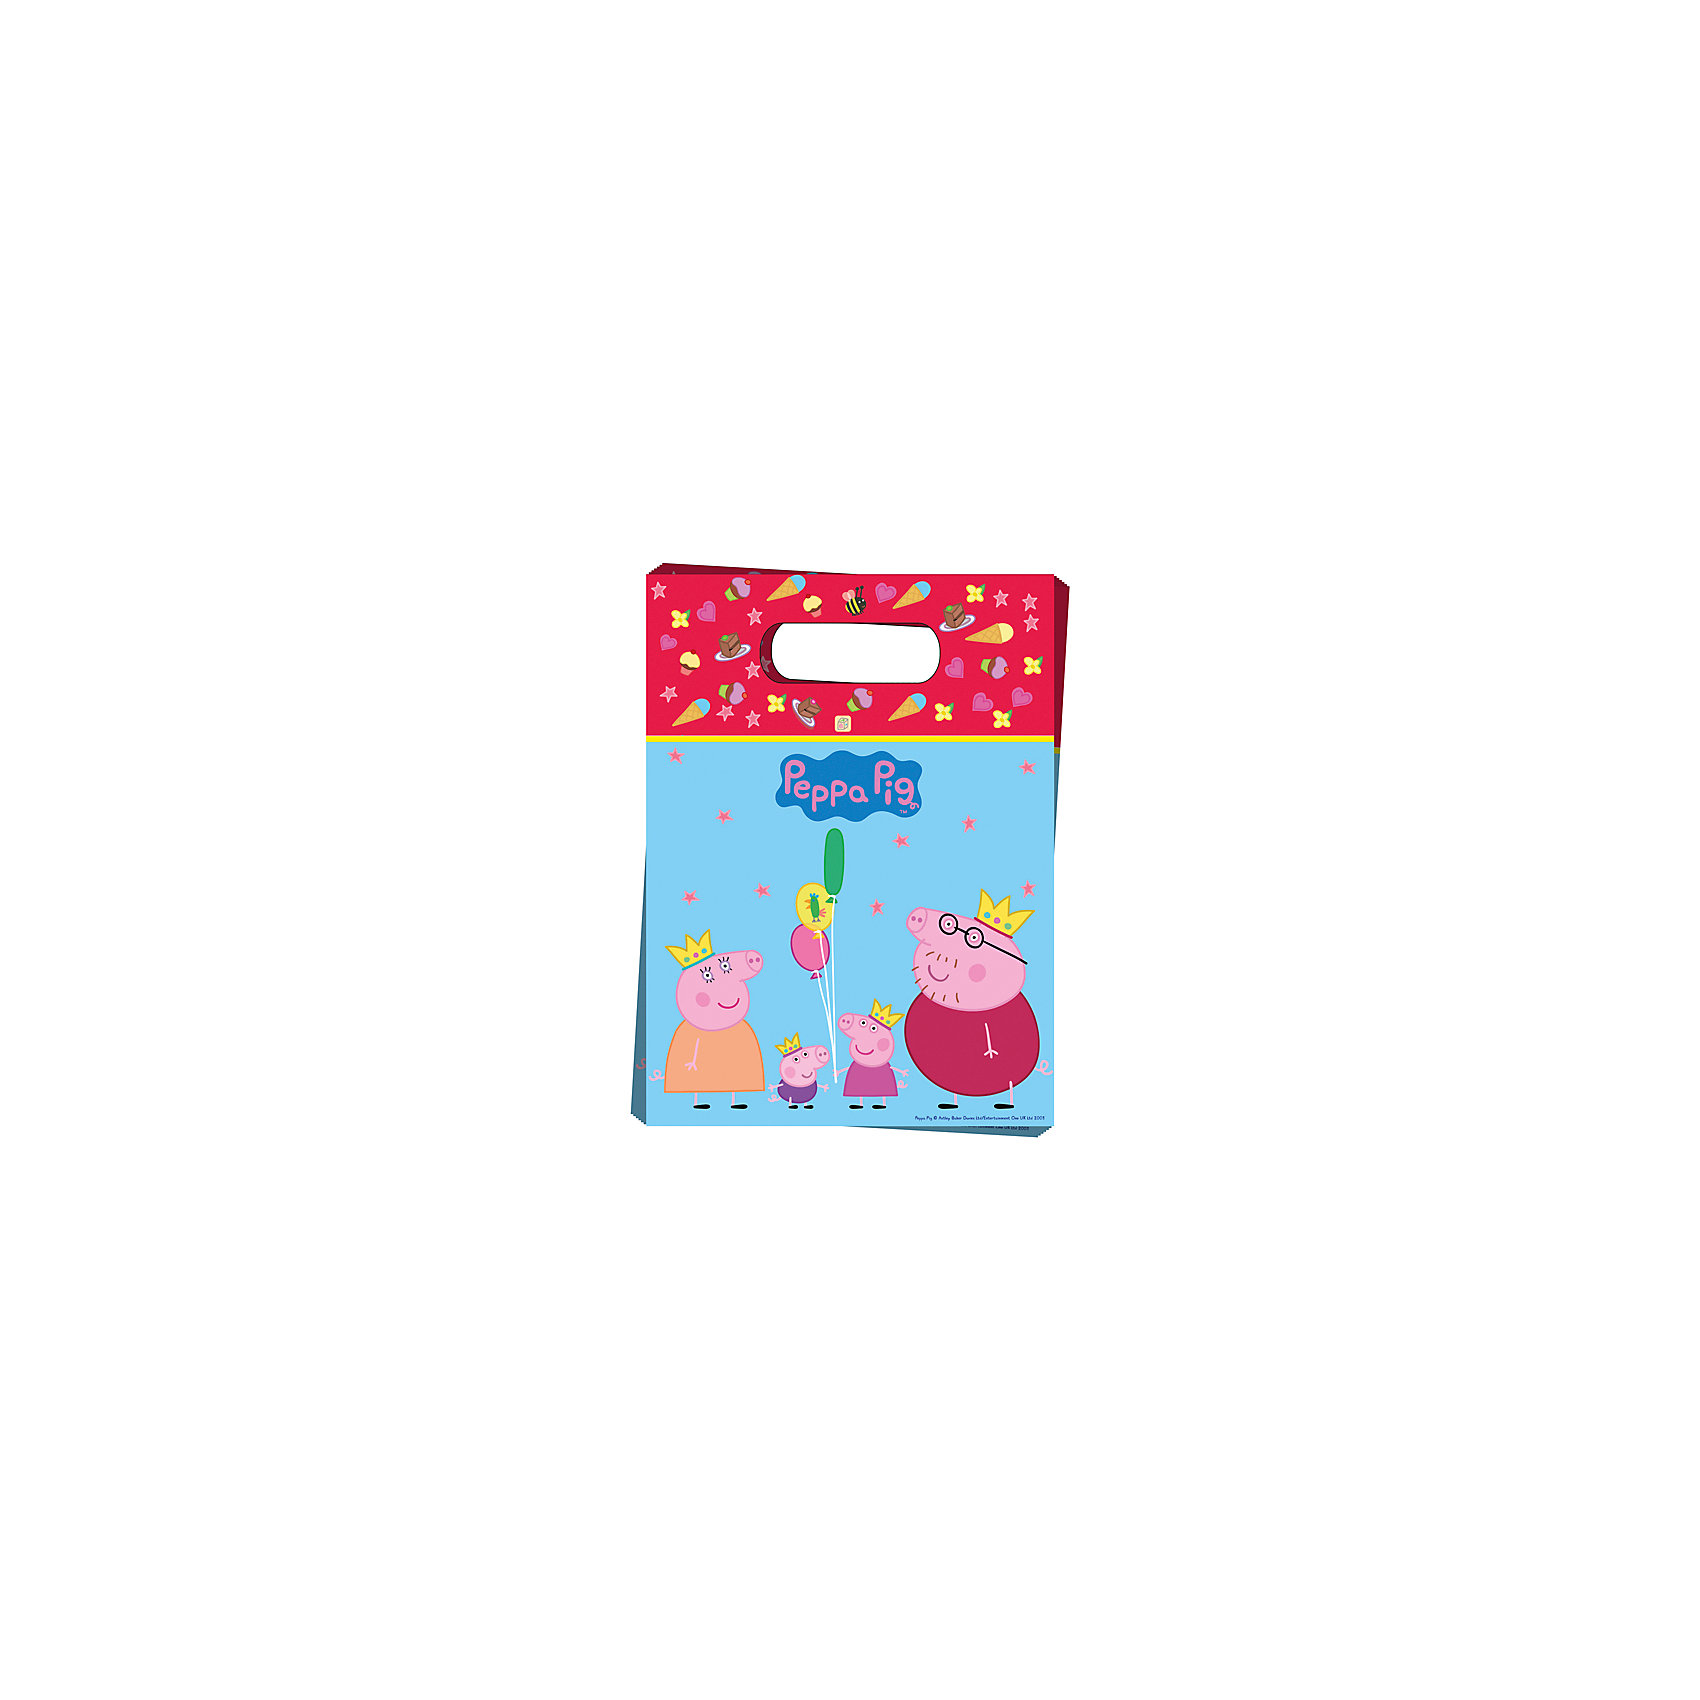 Подарочный пакет Пеппа - Принцесса (6 шт)Подарочный пакет Пеппа-принцесса (6 шт) – этот аксессуар станет незаменимым дополнением к выбранному подарку.<br>Красивые подарочные пакеты – это самое простое и при этом стильное средство эффектно украсить подарок. И чем их больше, тем лучше! В наборе «Пеппа-принцесса» 6 подарочных полиэтиленовых пакетов с героями мультфильма «Свинка Пеппа». Они украсят любые предметы, которые вы захотите подарить малышке, и обязательно подарят ей отличное настроение. Также в пакеты можно упаковывать небольшие презенты победителям конкурсов на детском празднике.<br><br>Дополнительная информация:<br><br>- Количество пакетов: 6<br>- Размер пакета: 17х23 см.<br>- Материал: полиэтилен<br><br>Подарочный пакет Пеппа-принцесса (6 шт) можно купить в нашем интернет-магазине.<br><br>Ширина мм: 170<br>Глубина мм: 230<br>Высота мм: 10<br>Вес г: 80<br>Возраст от месяцев: 36<br>Возраст до месяцев: 84<br>Пол: Унисекс<br>Возраст: Детский<br>SKU: 4278393